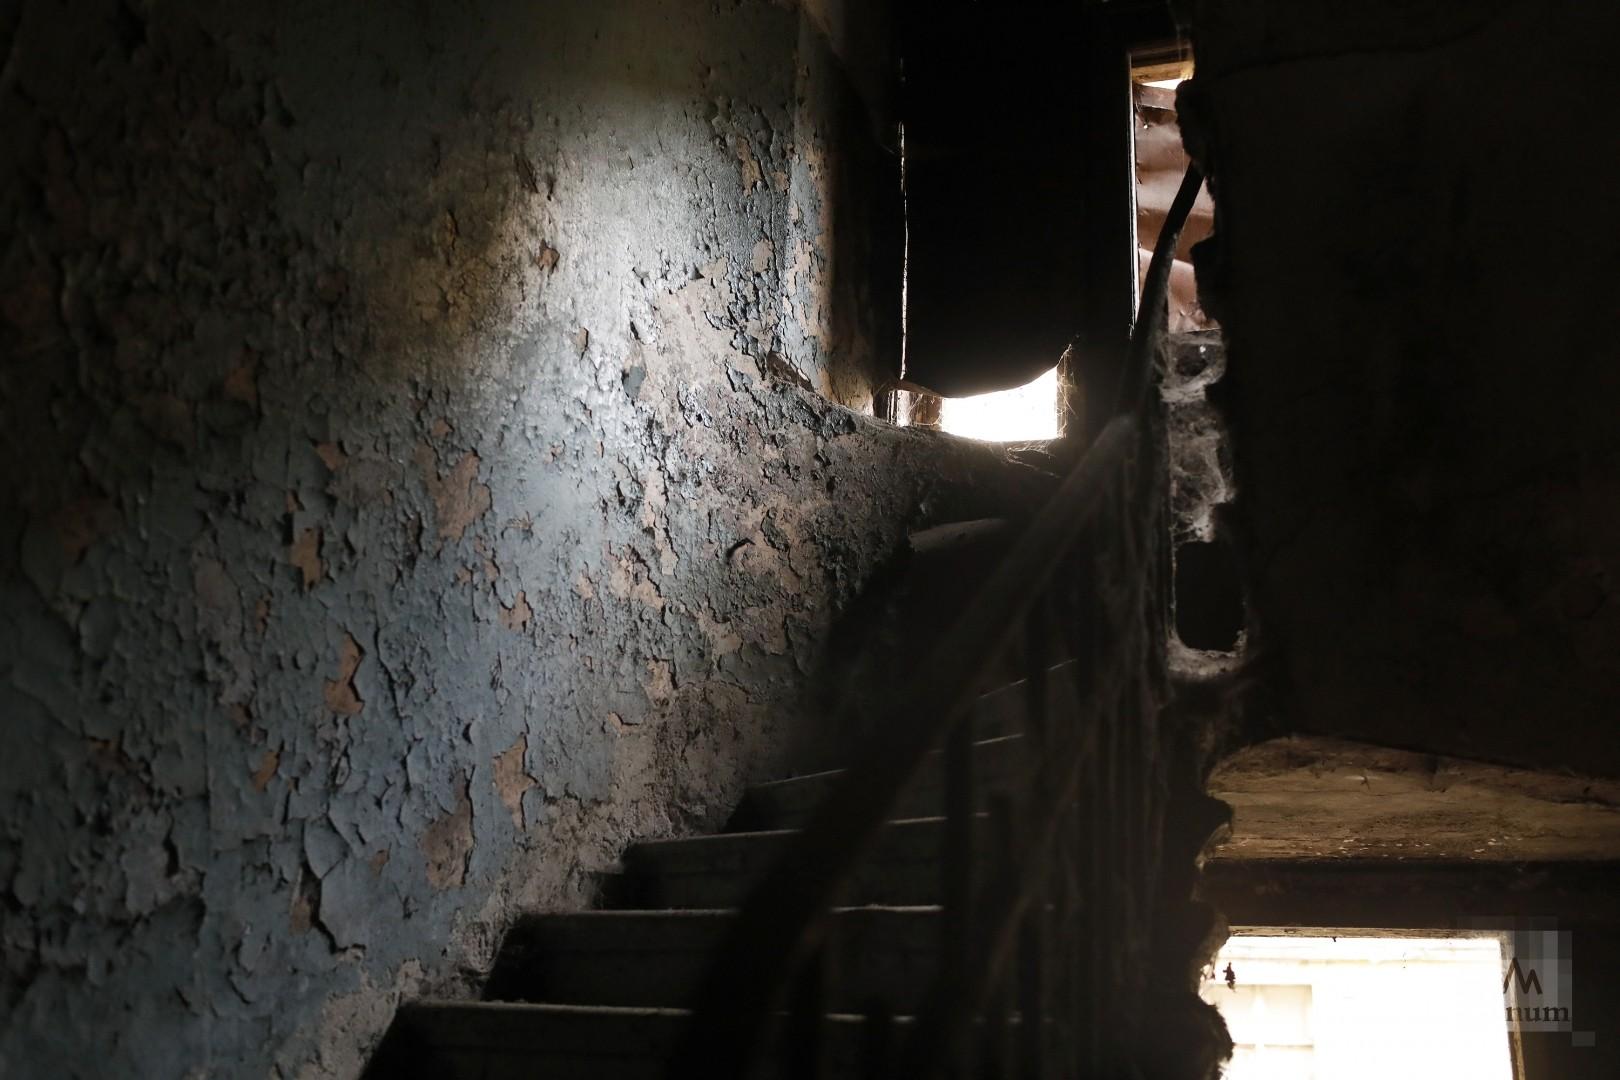 Лестница соседнего дома, требующего капитального ремонта